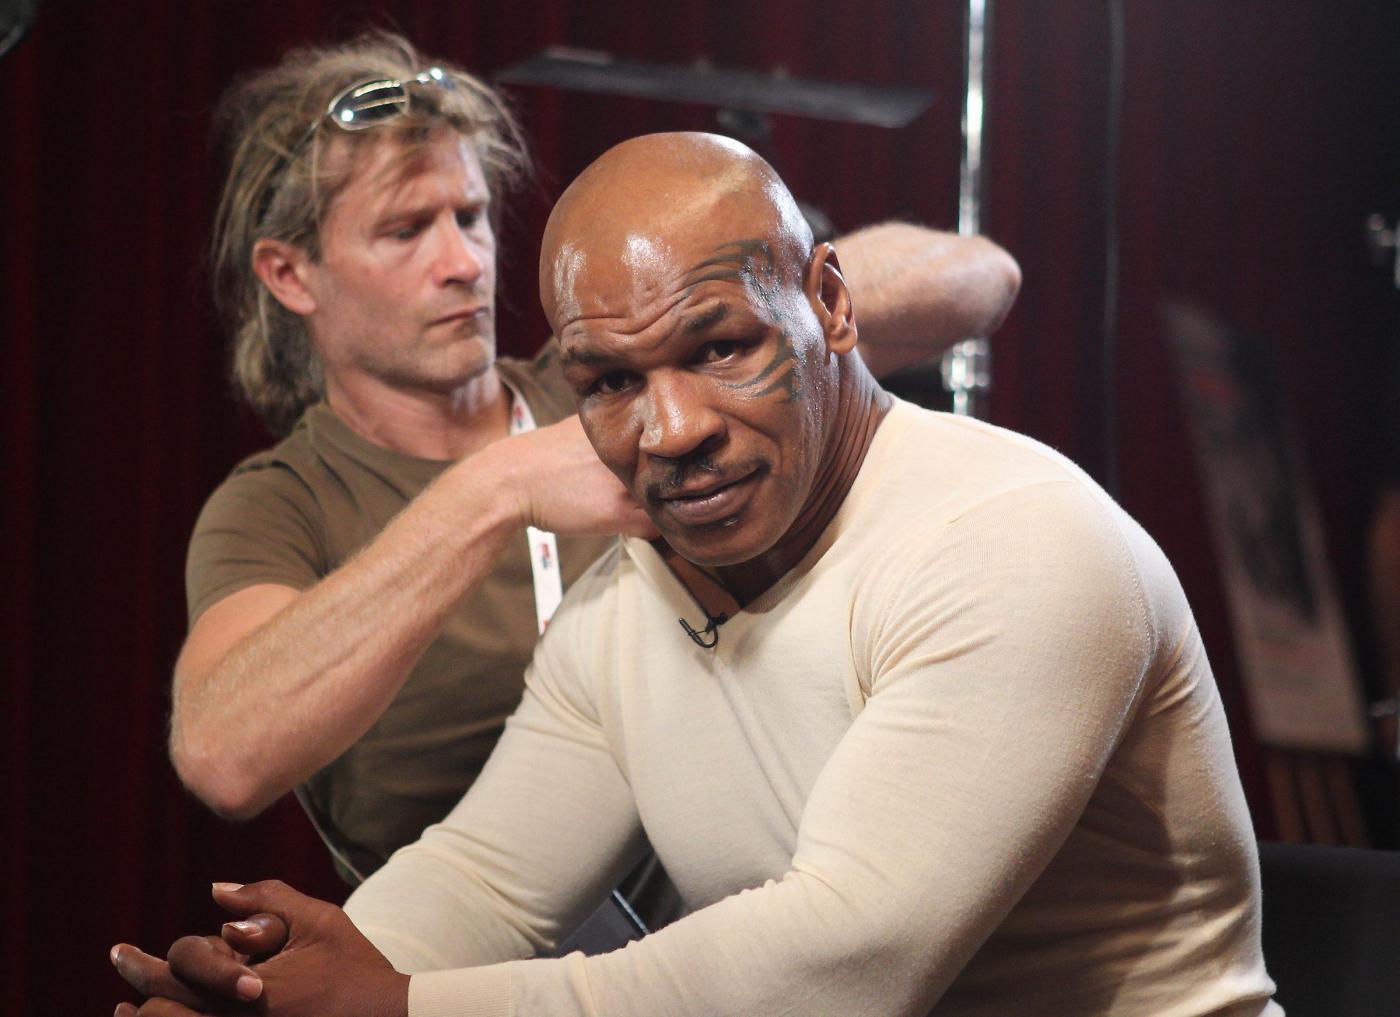 Boxe, la carriera di Mike Tyson. La prima cintura a 20 anni, il morso a Holyfield, poi un triste finale da cancellare